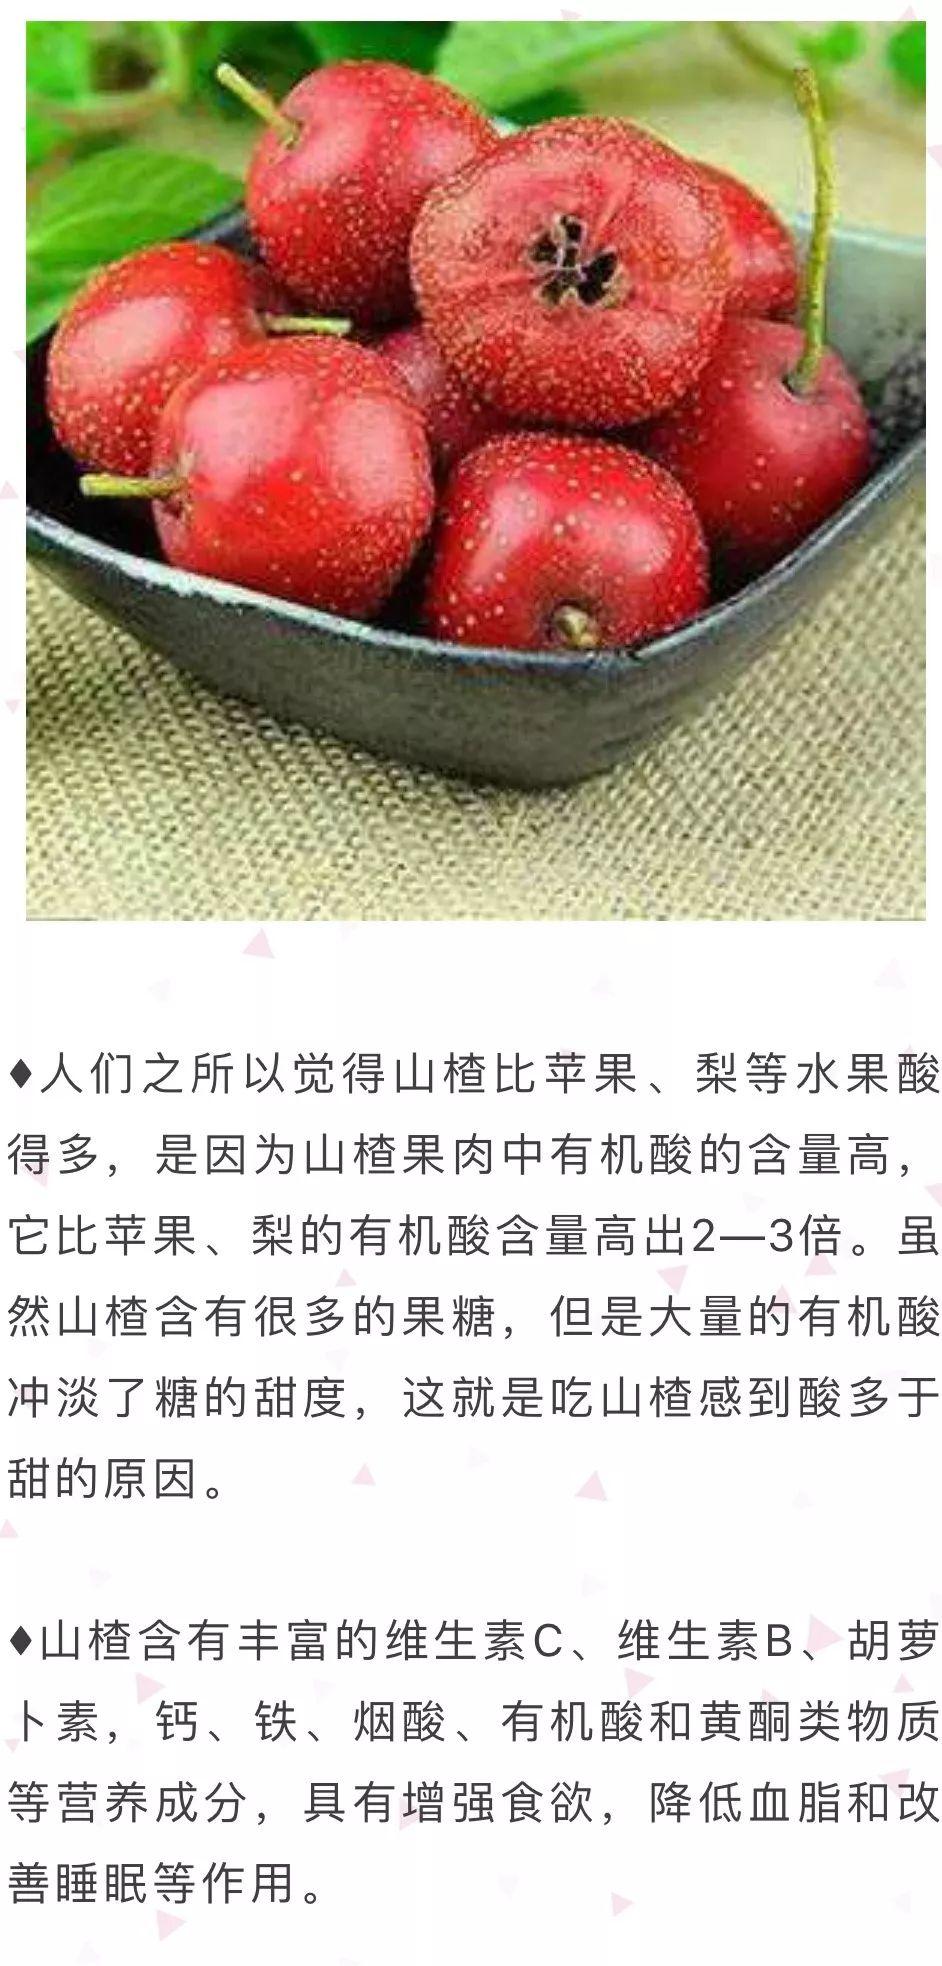 高糖水果和低糖水果有哪些_快速问医生